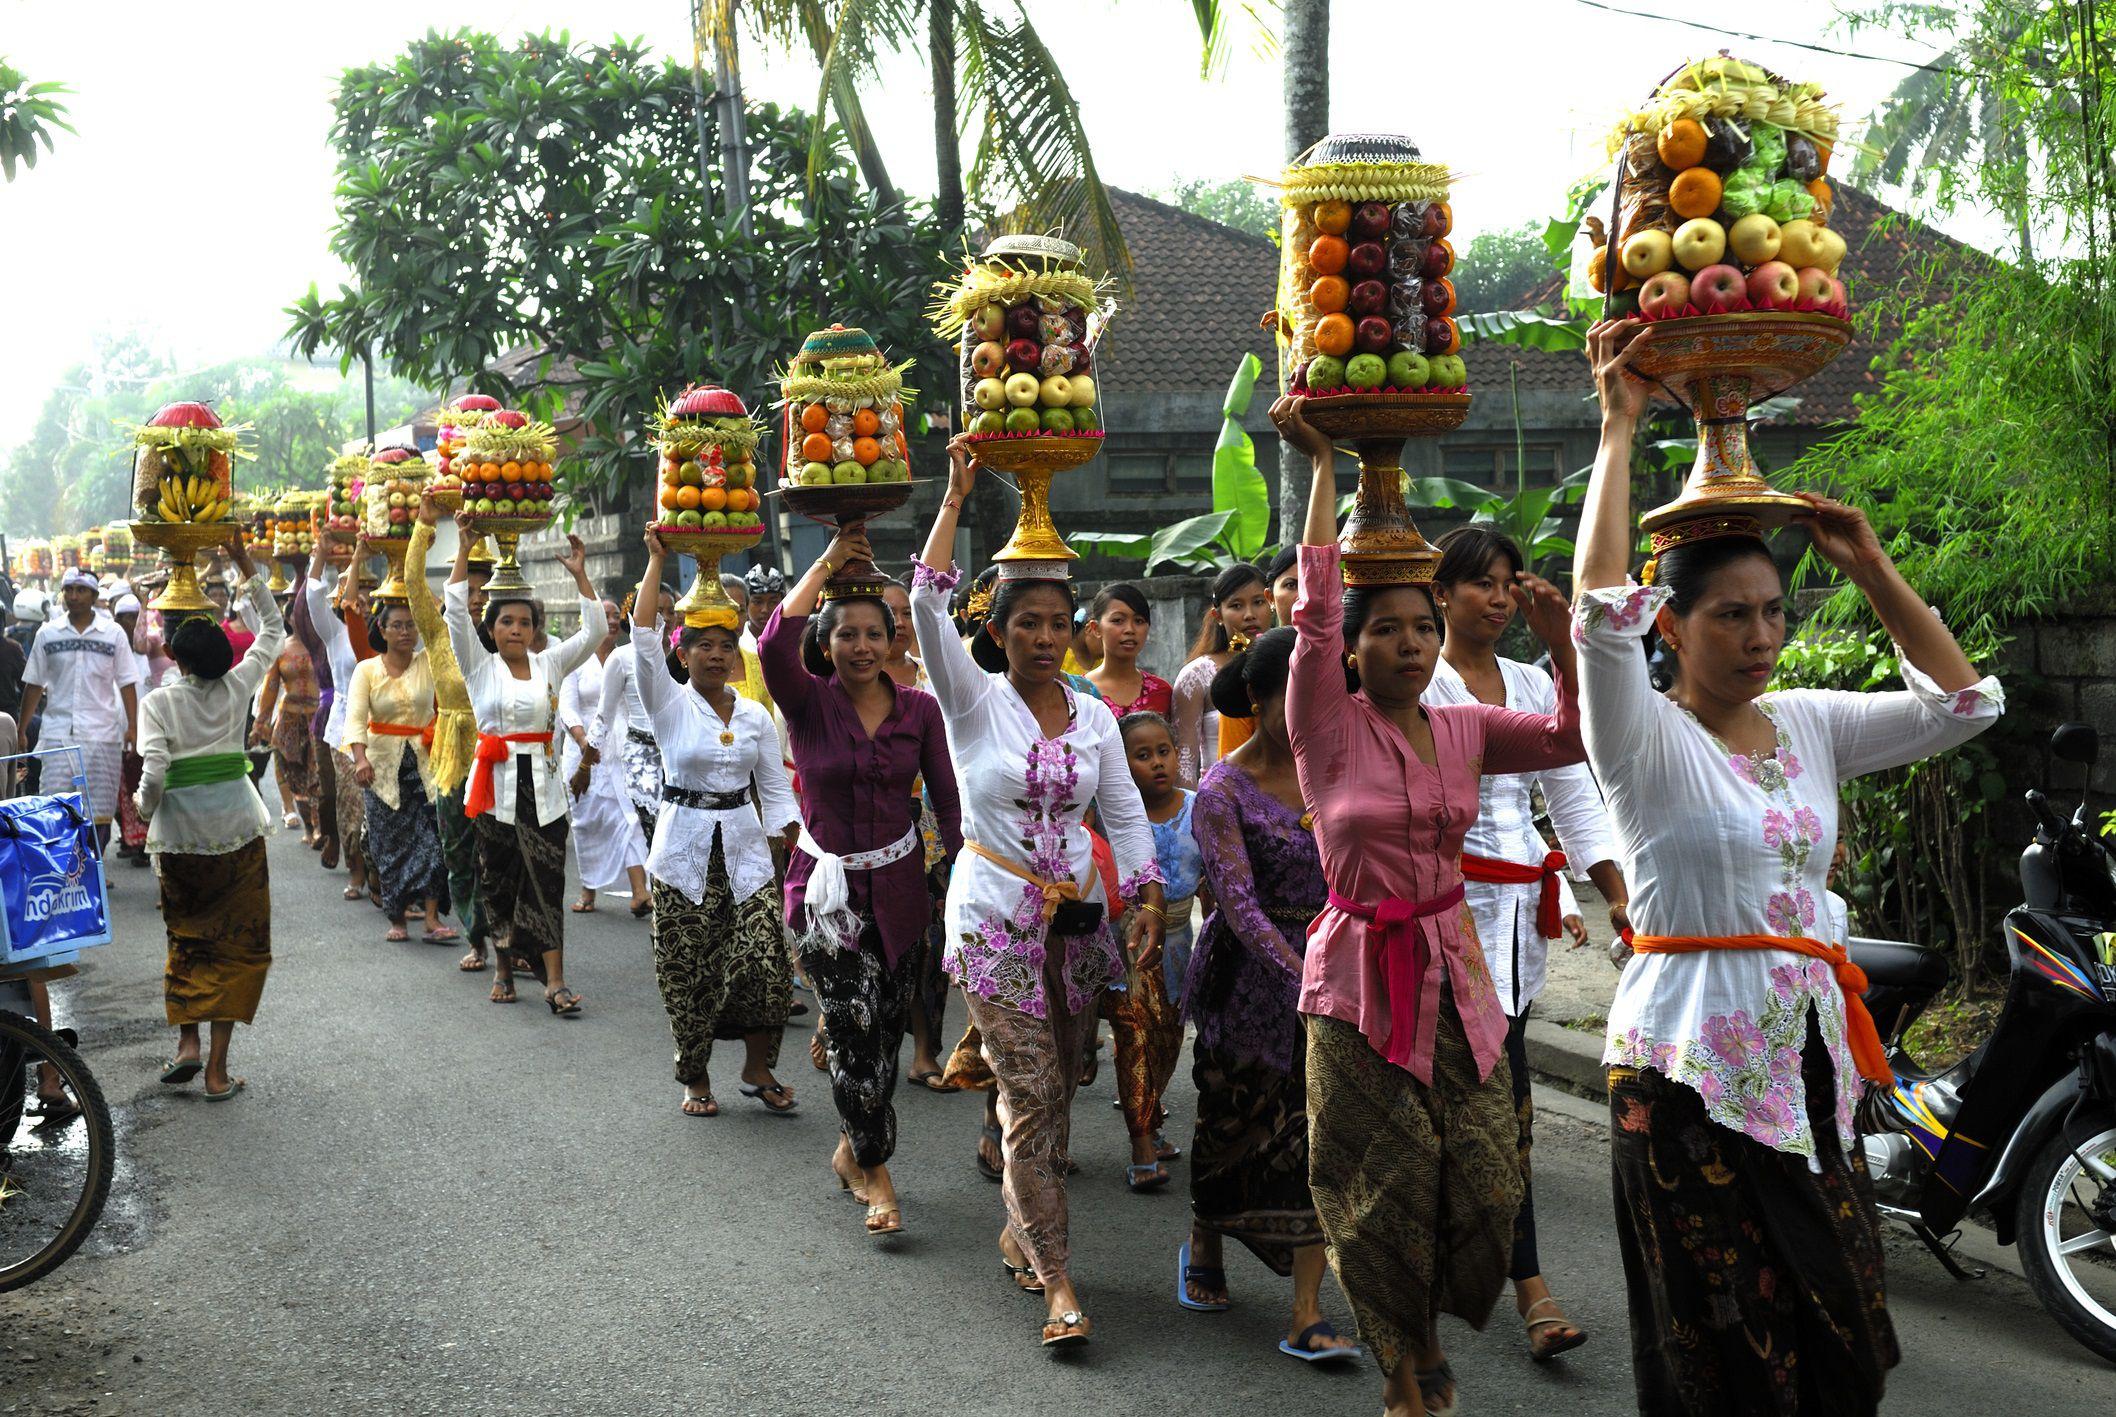 Perayaan Hari Raya Galungan oleh Masyarakat Hindu Bali   Sumber : TripSavvy